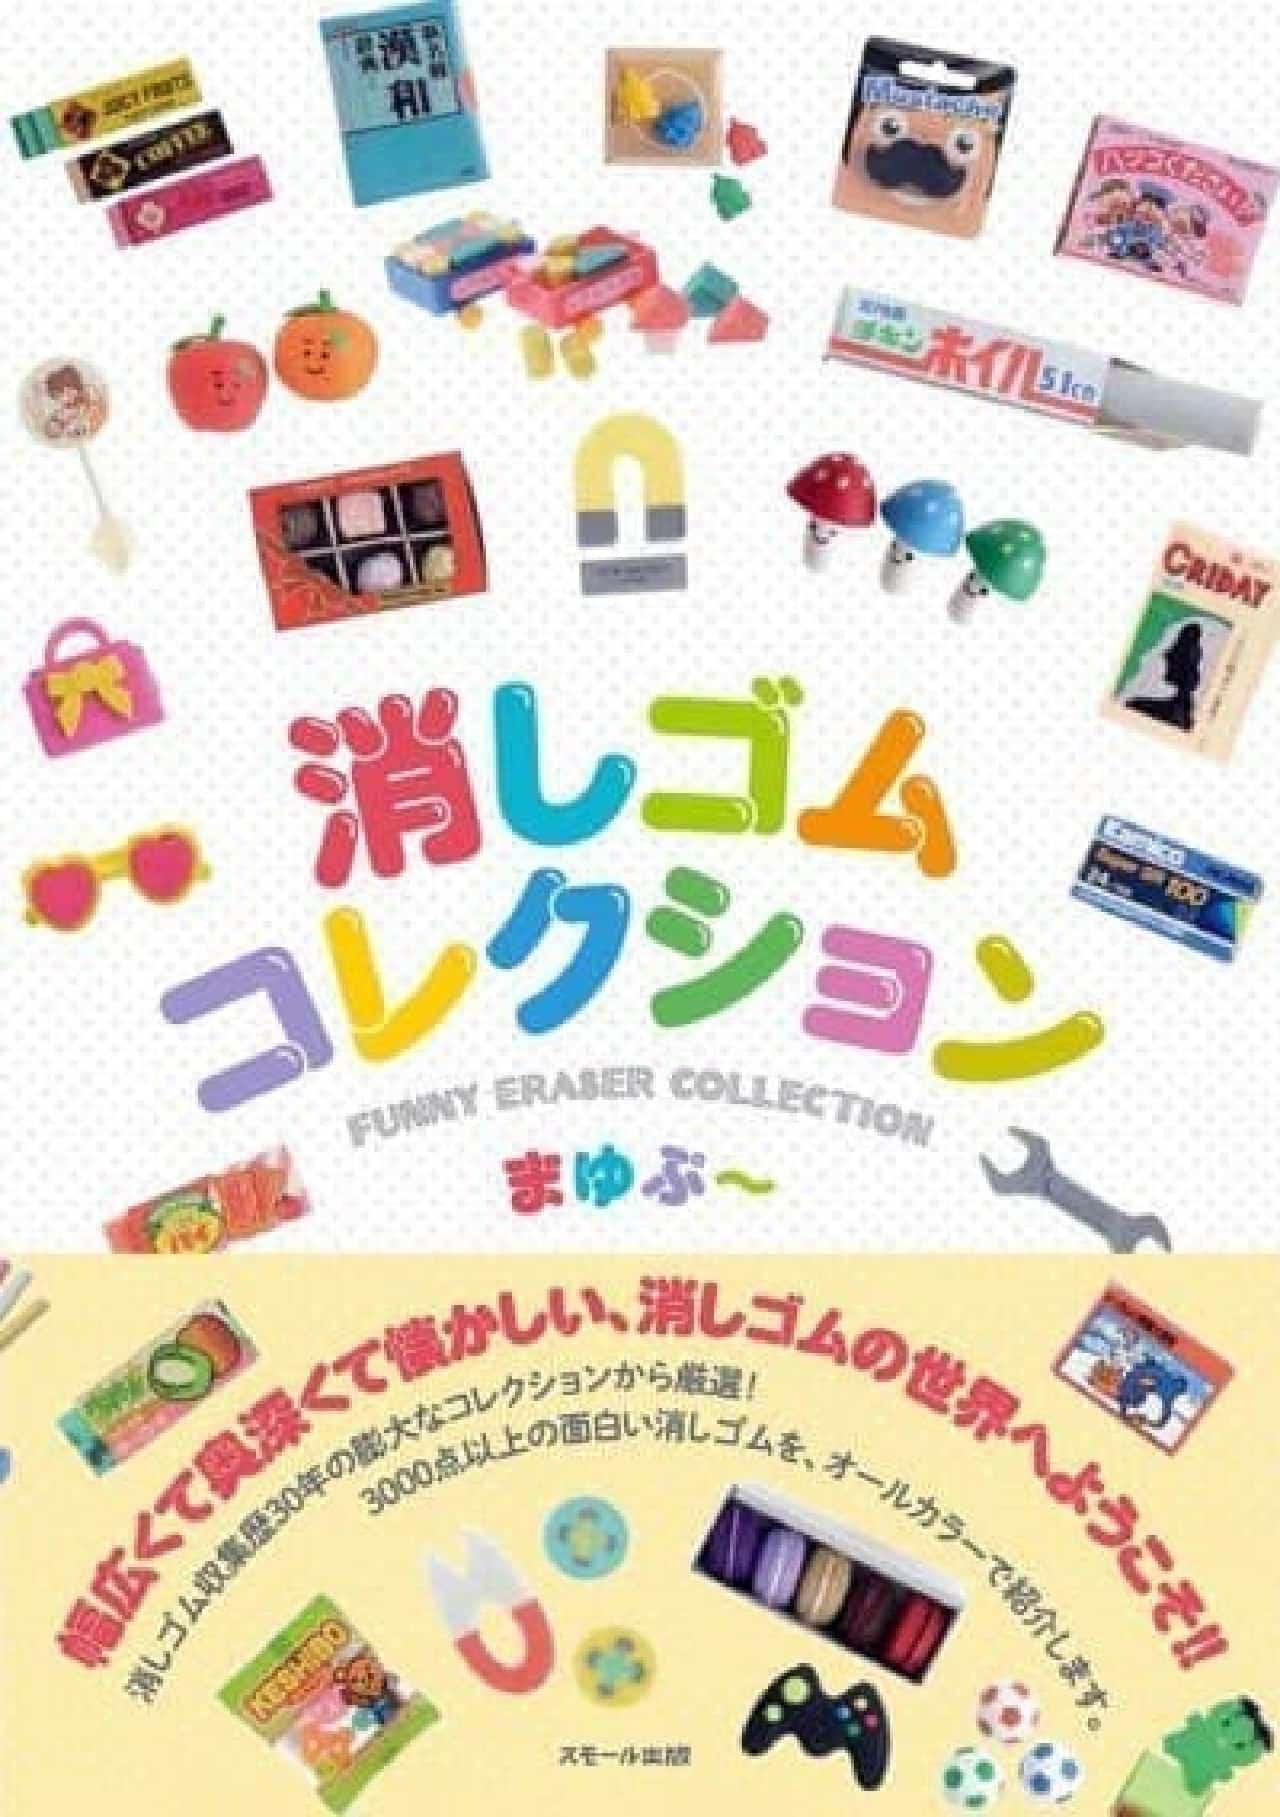 珍しい&懐かしい消しゴムを収録した『消しゴムコレクション』販売開始